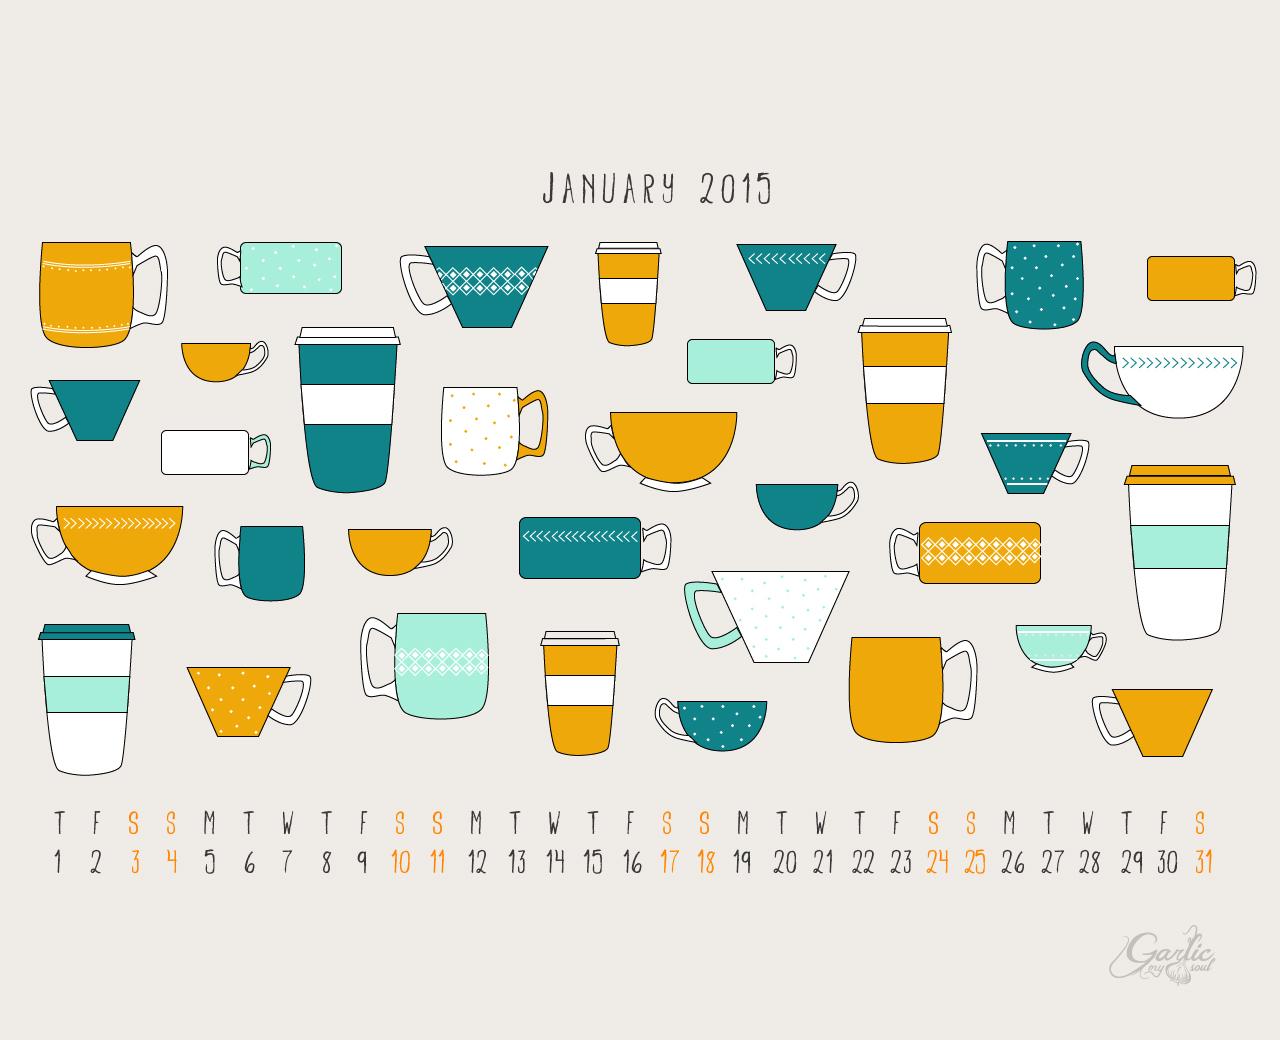 January Desktop Calendar | Garlic, My Soul